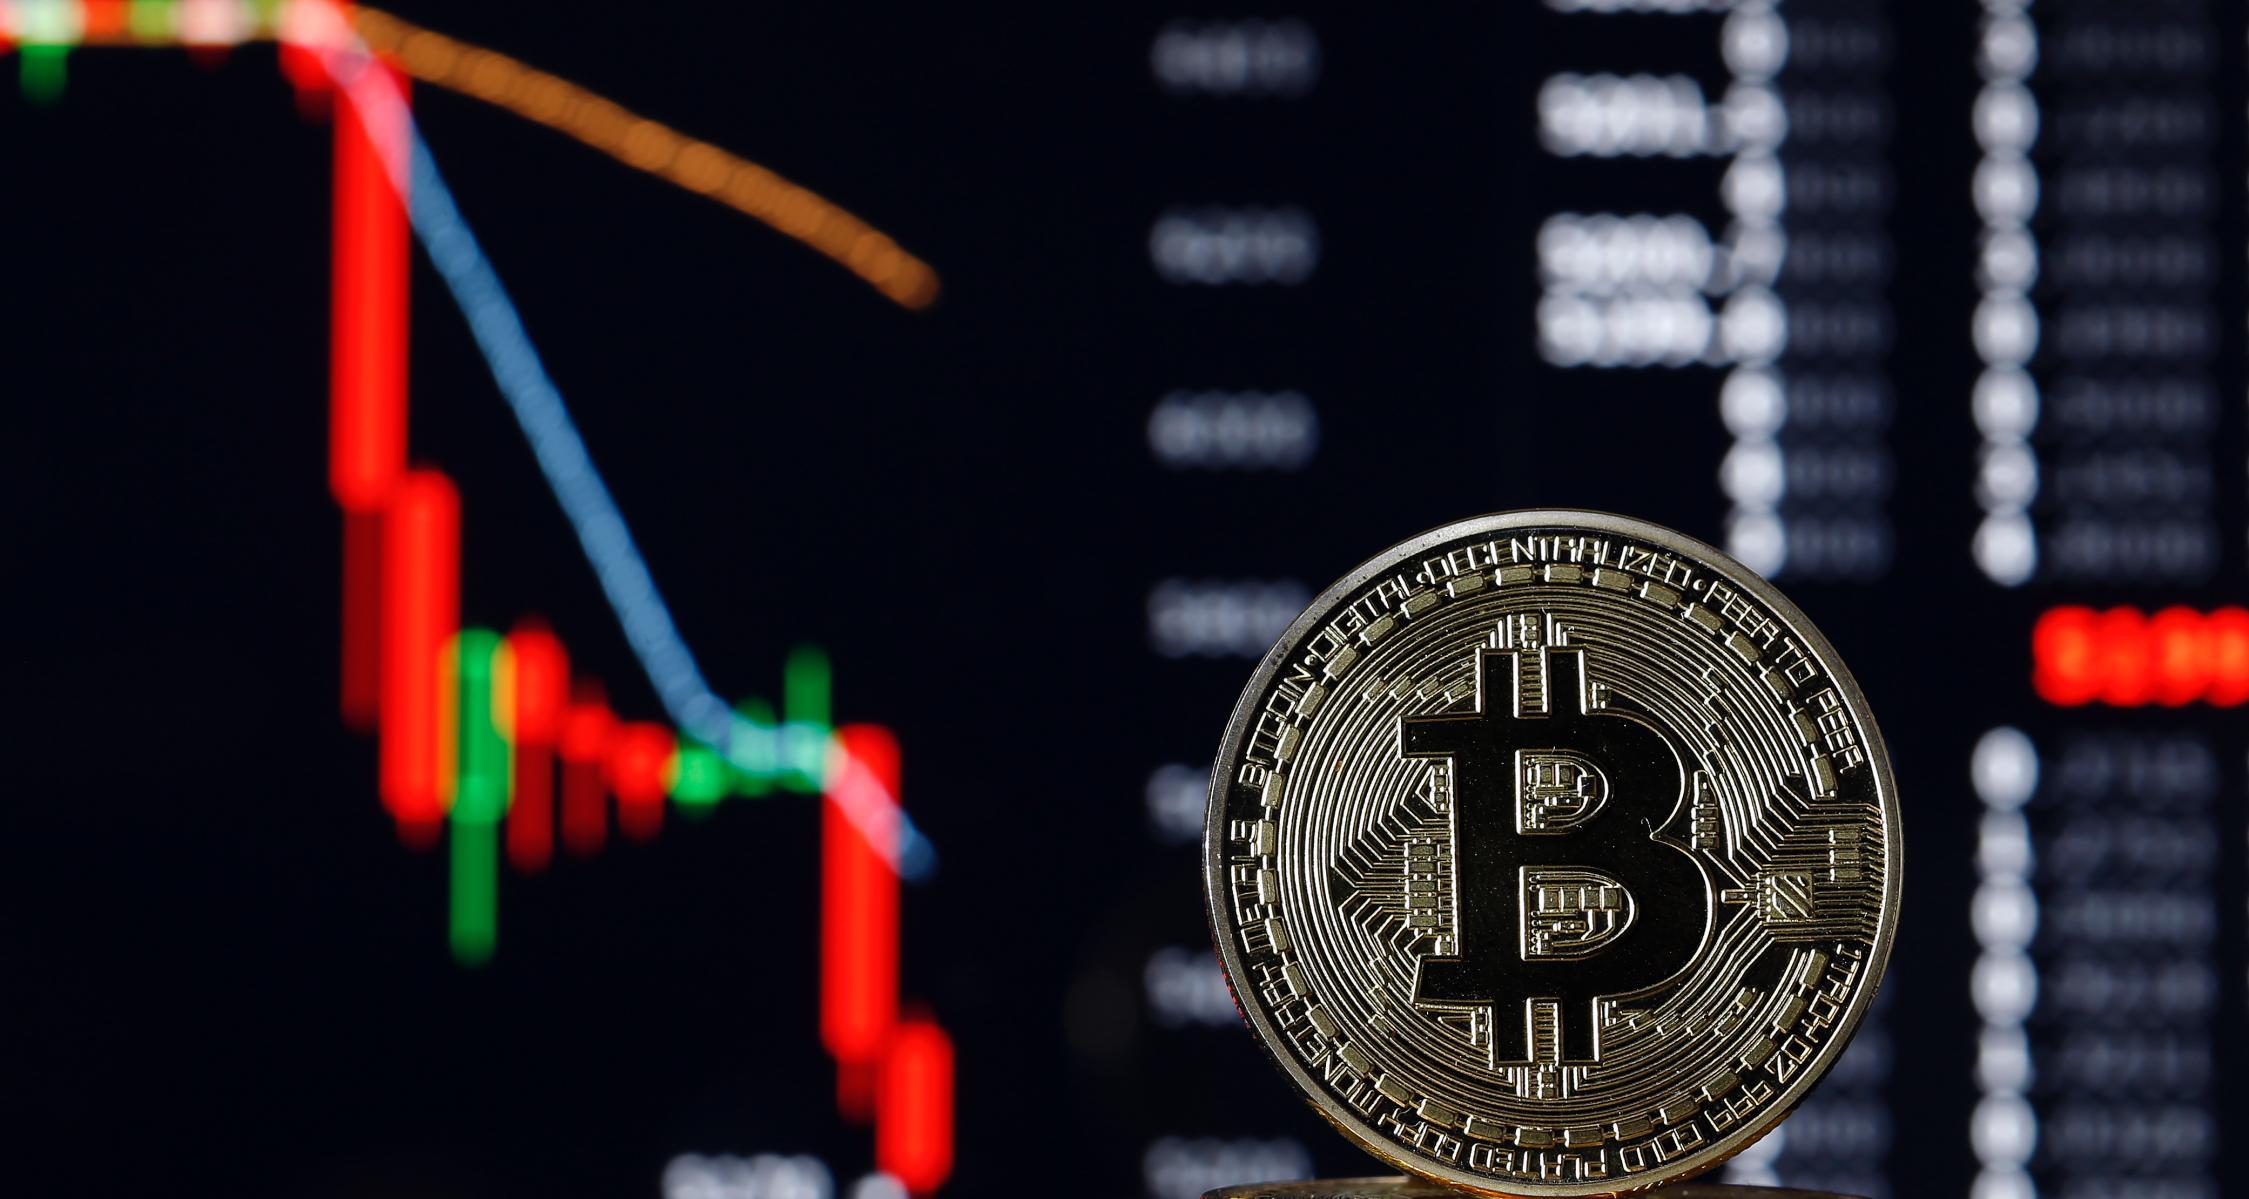 organizația bitcoin legală cine a câștigat cât de mult pe recenziile de opțiuni binare